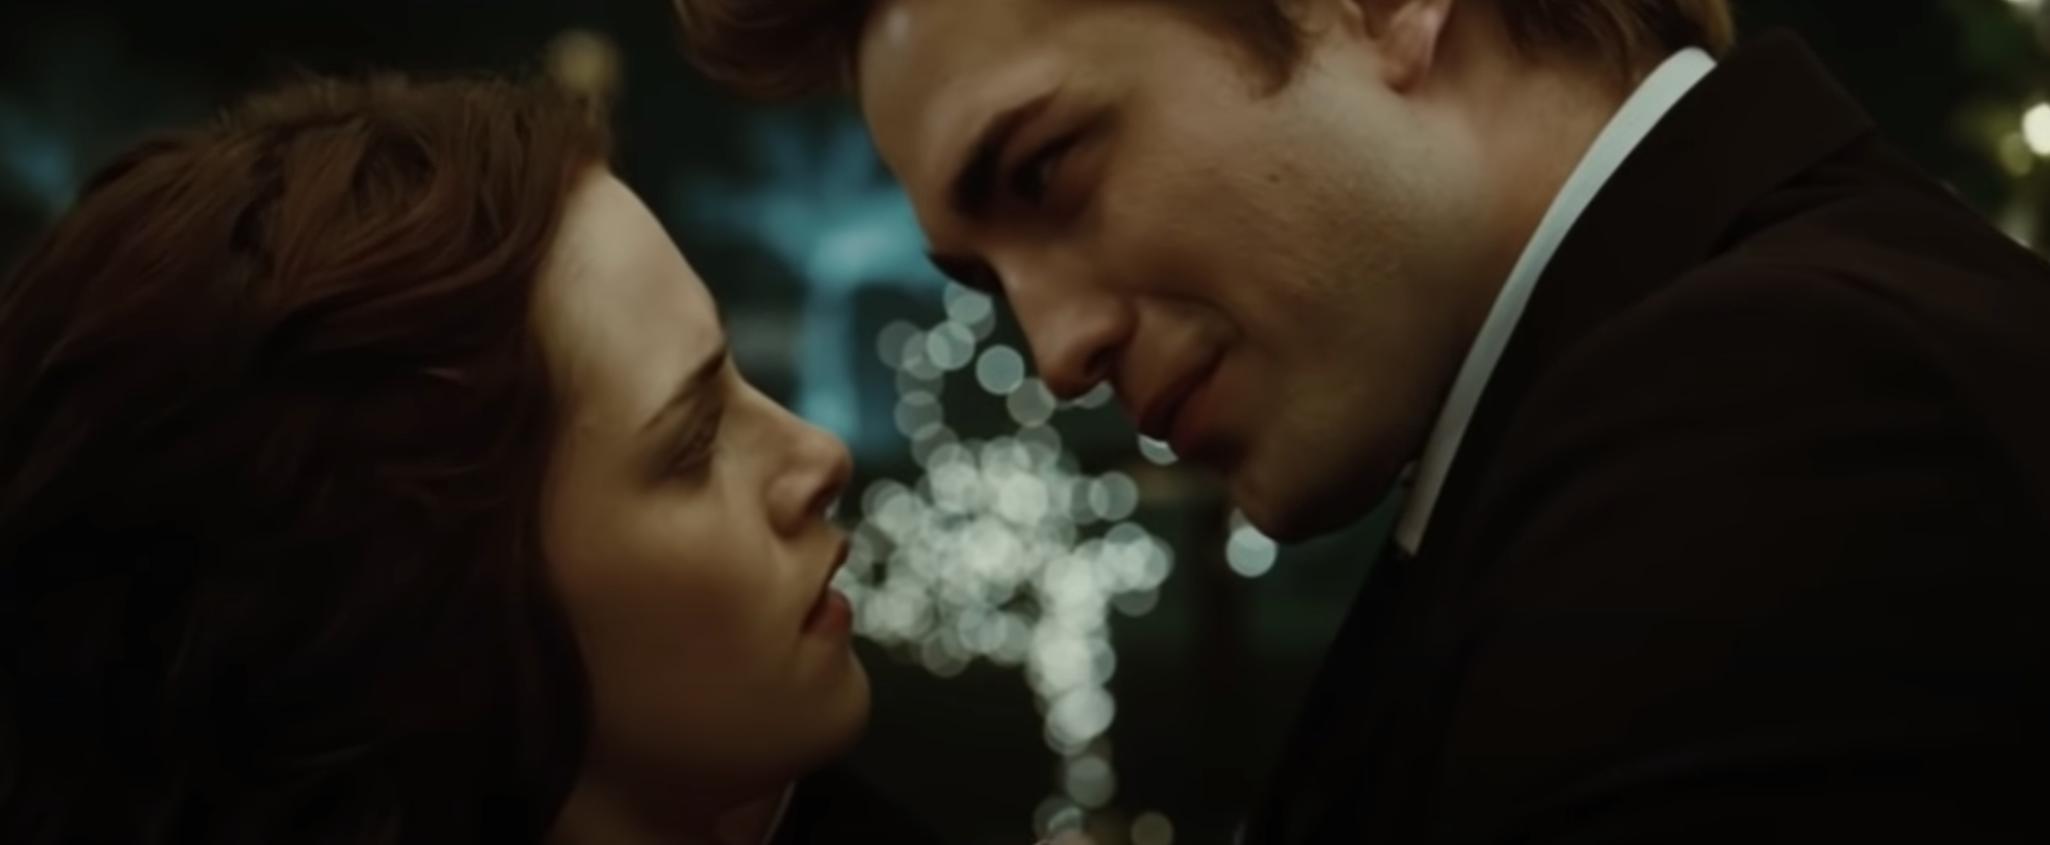 Bella (Kristen Stewart) and Edward (Robert Pattinson) during prom in 'Twilight.'